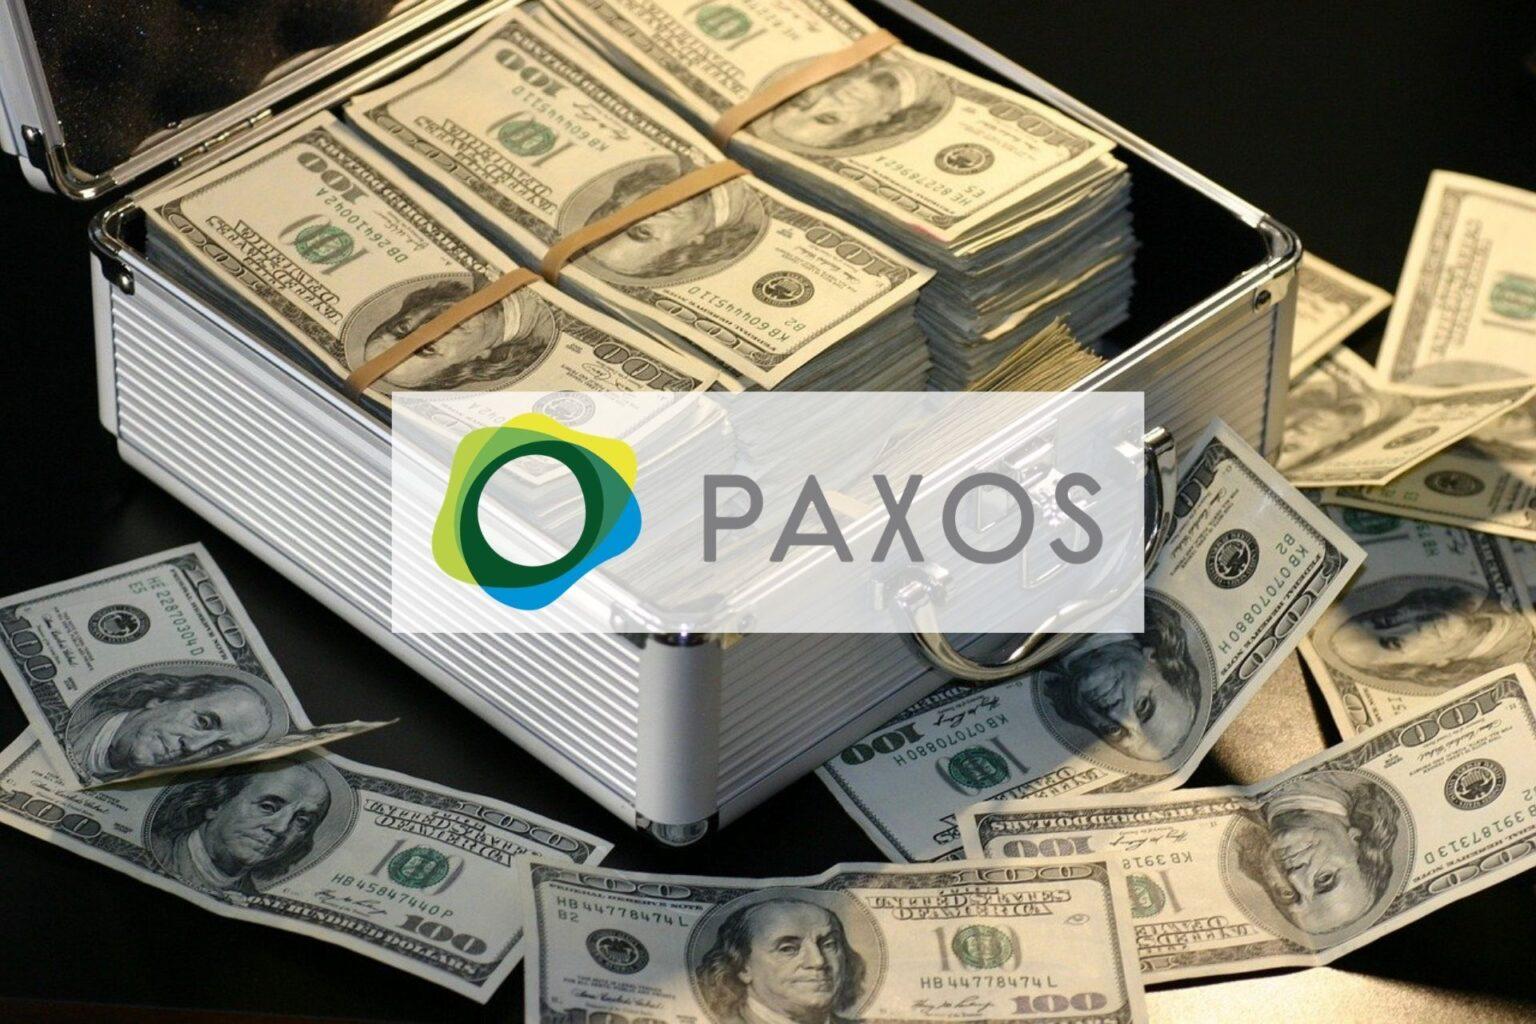 Bank of America, criptointercambio FTX, Coinbase Ventures y Founders Found participaron en la última ronda de financiamiento por 300 millones de dólares de Paxos